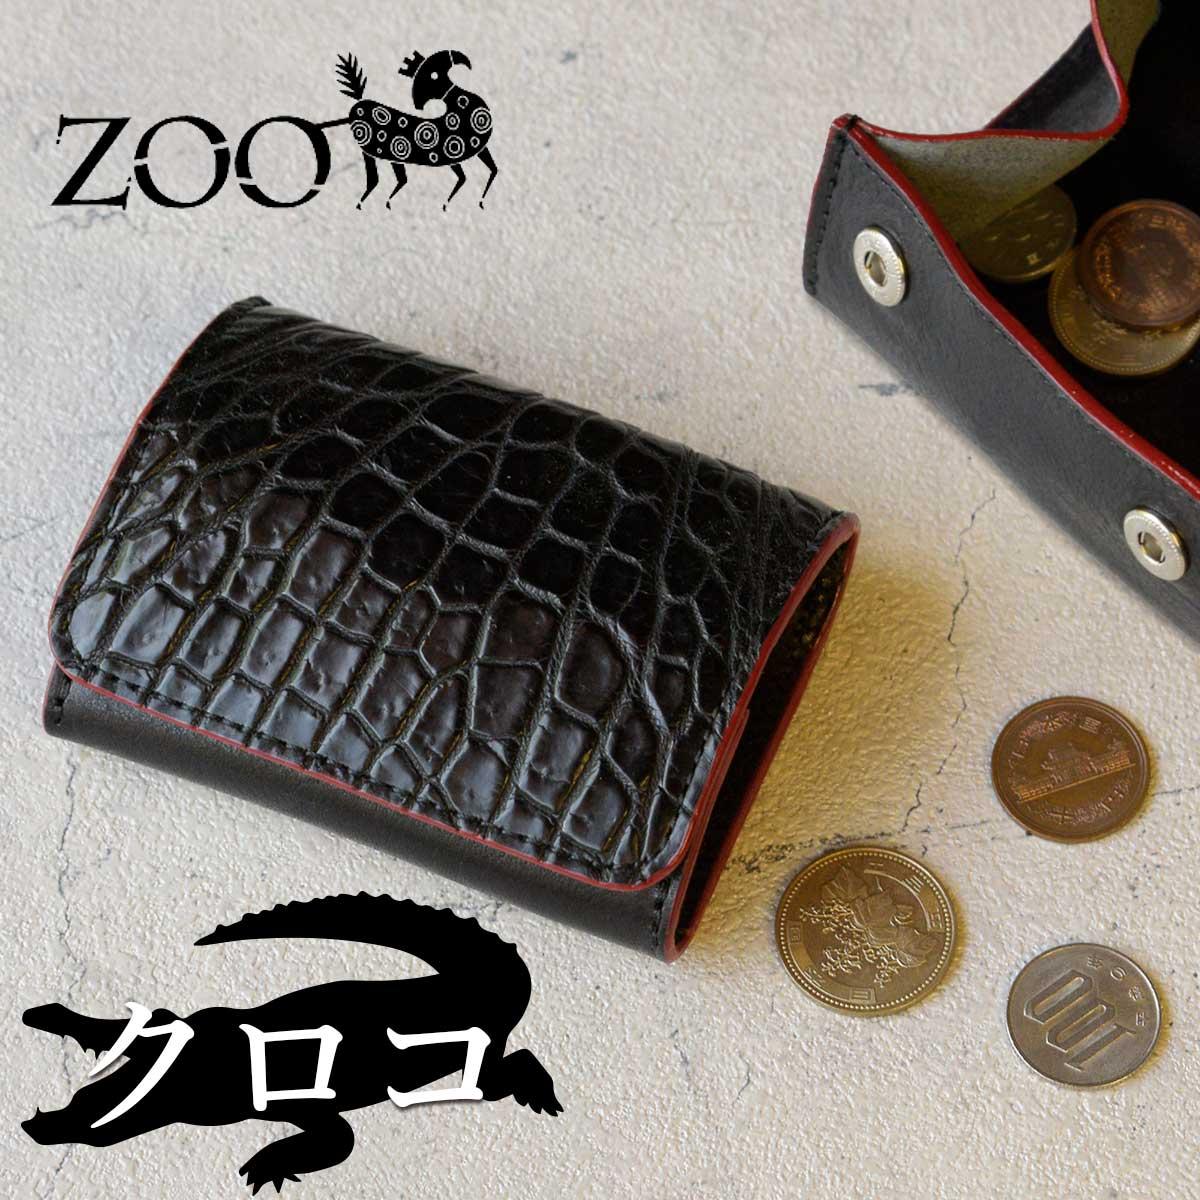 【メッセージカード・ラッピング無料】ZOO(ズー) メンズ ワニ革 クロコダイル 小銭入れ コインケース zcc-031 ブラック